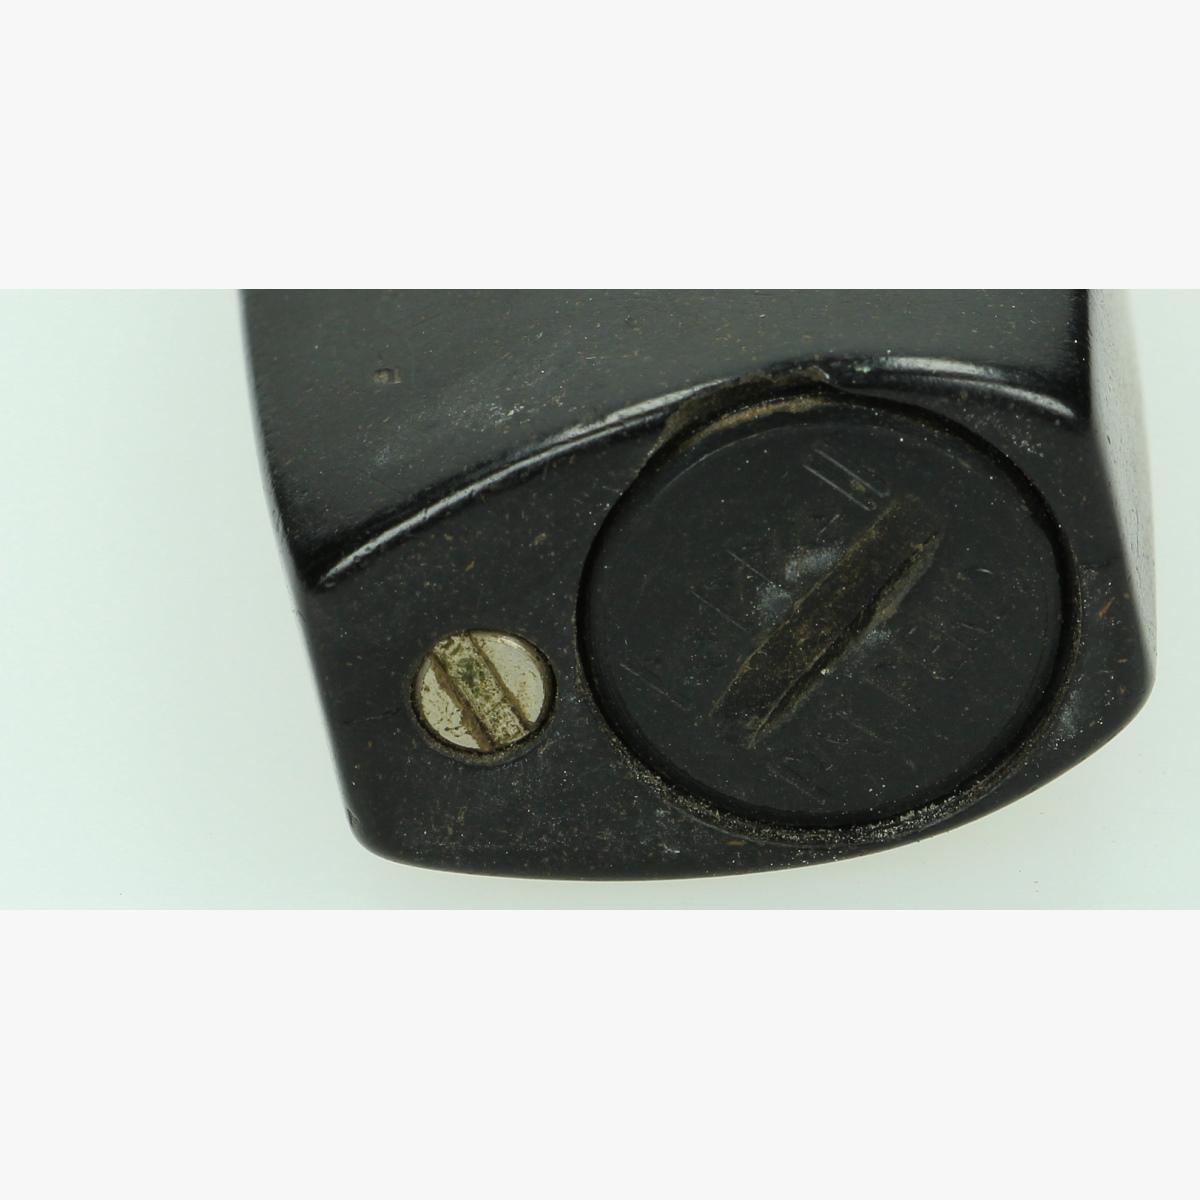 Afbeeldingen van oude aansteker poppoll